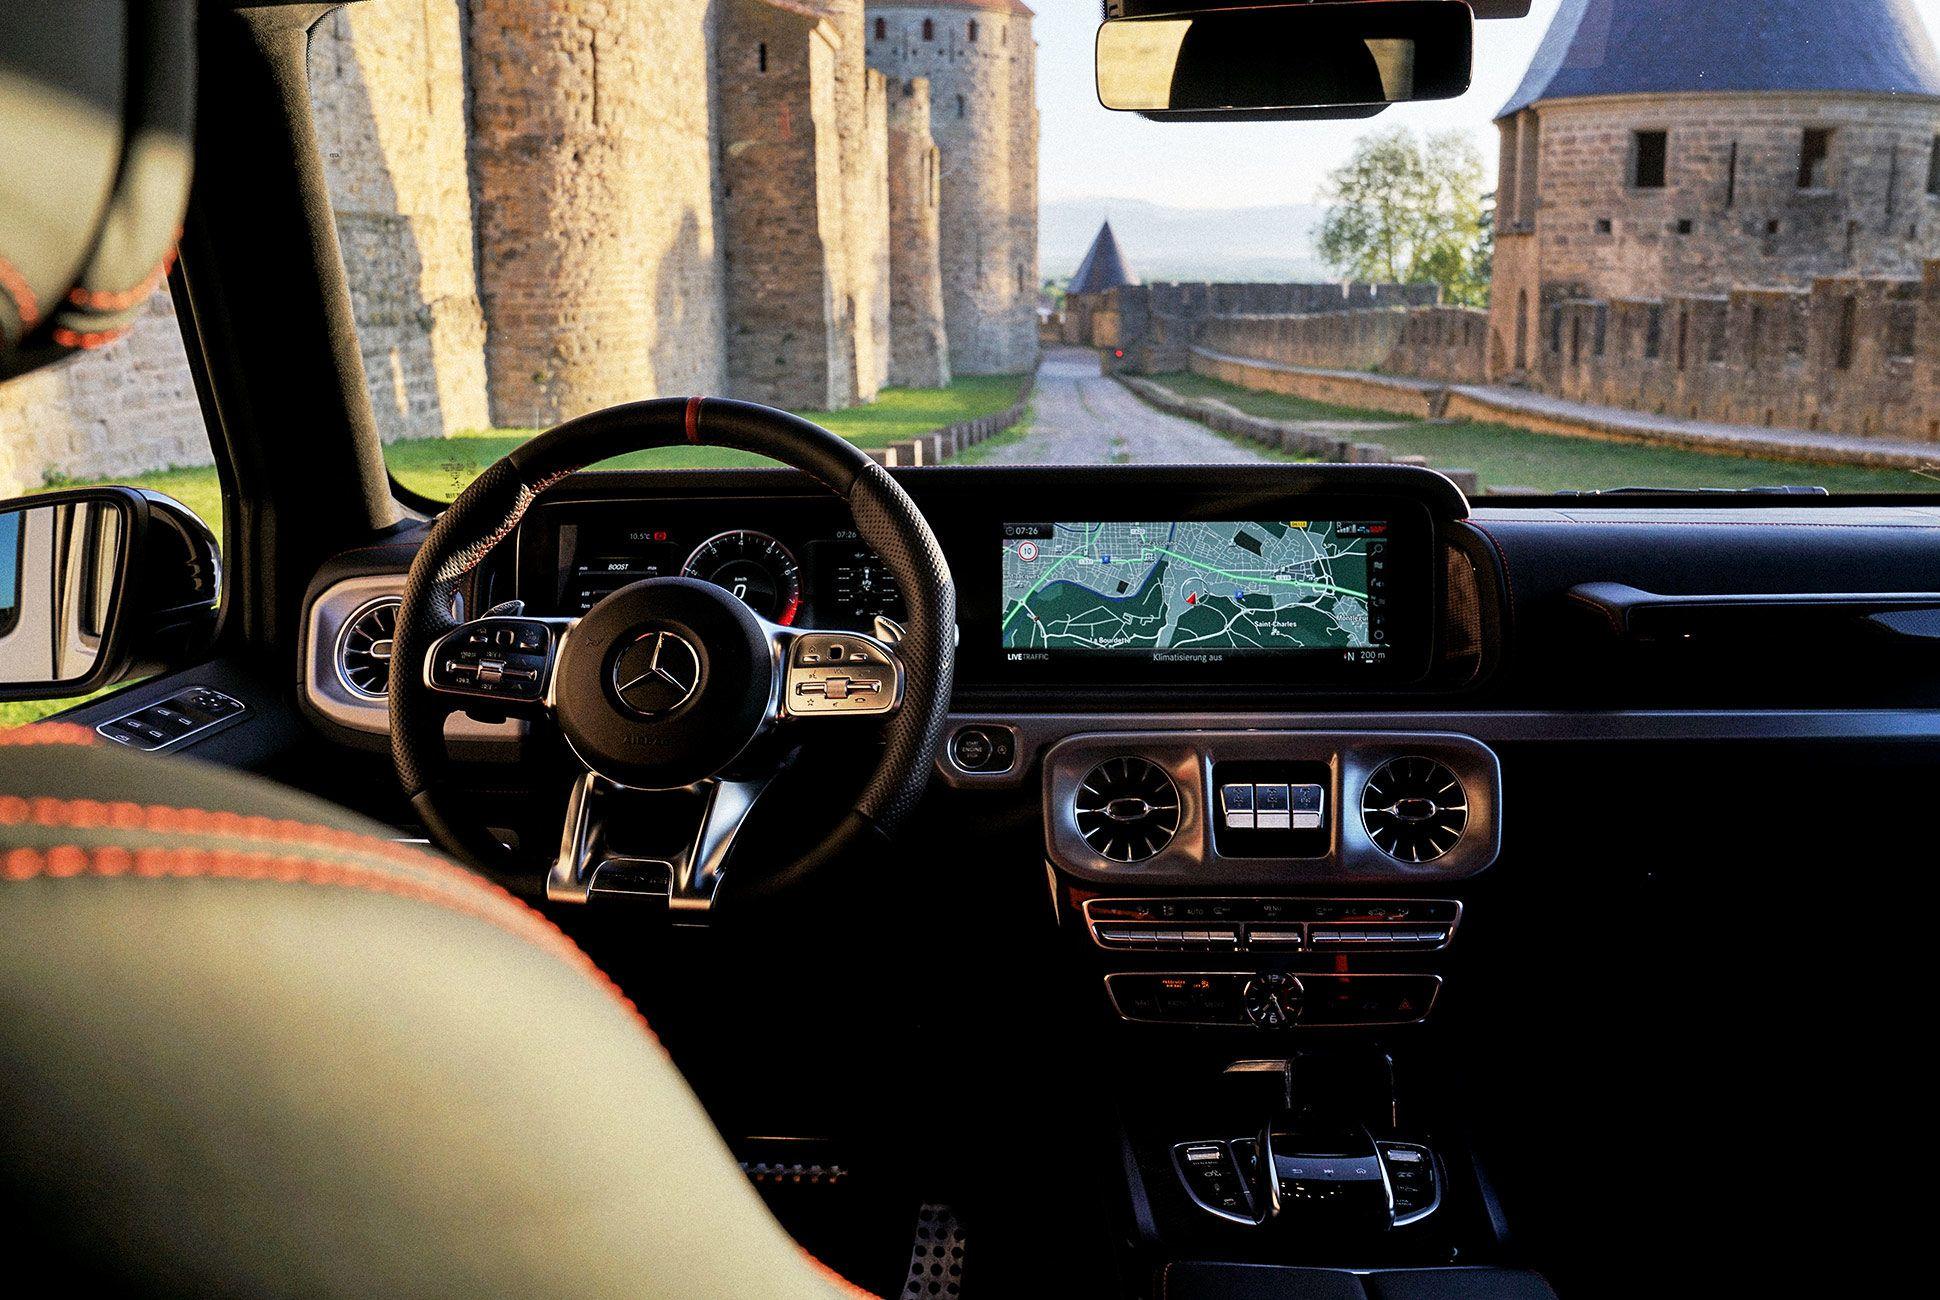 2018-Mercedes-Benz-G-Class-Review-gear-patrol-slide-8